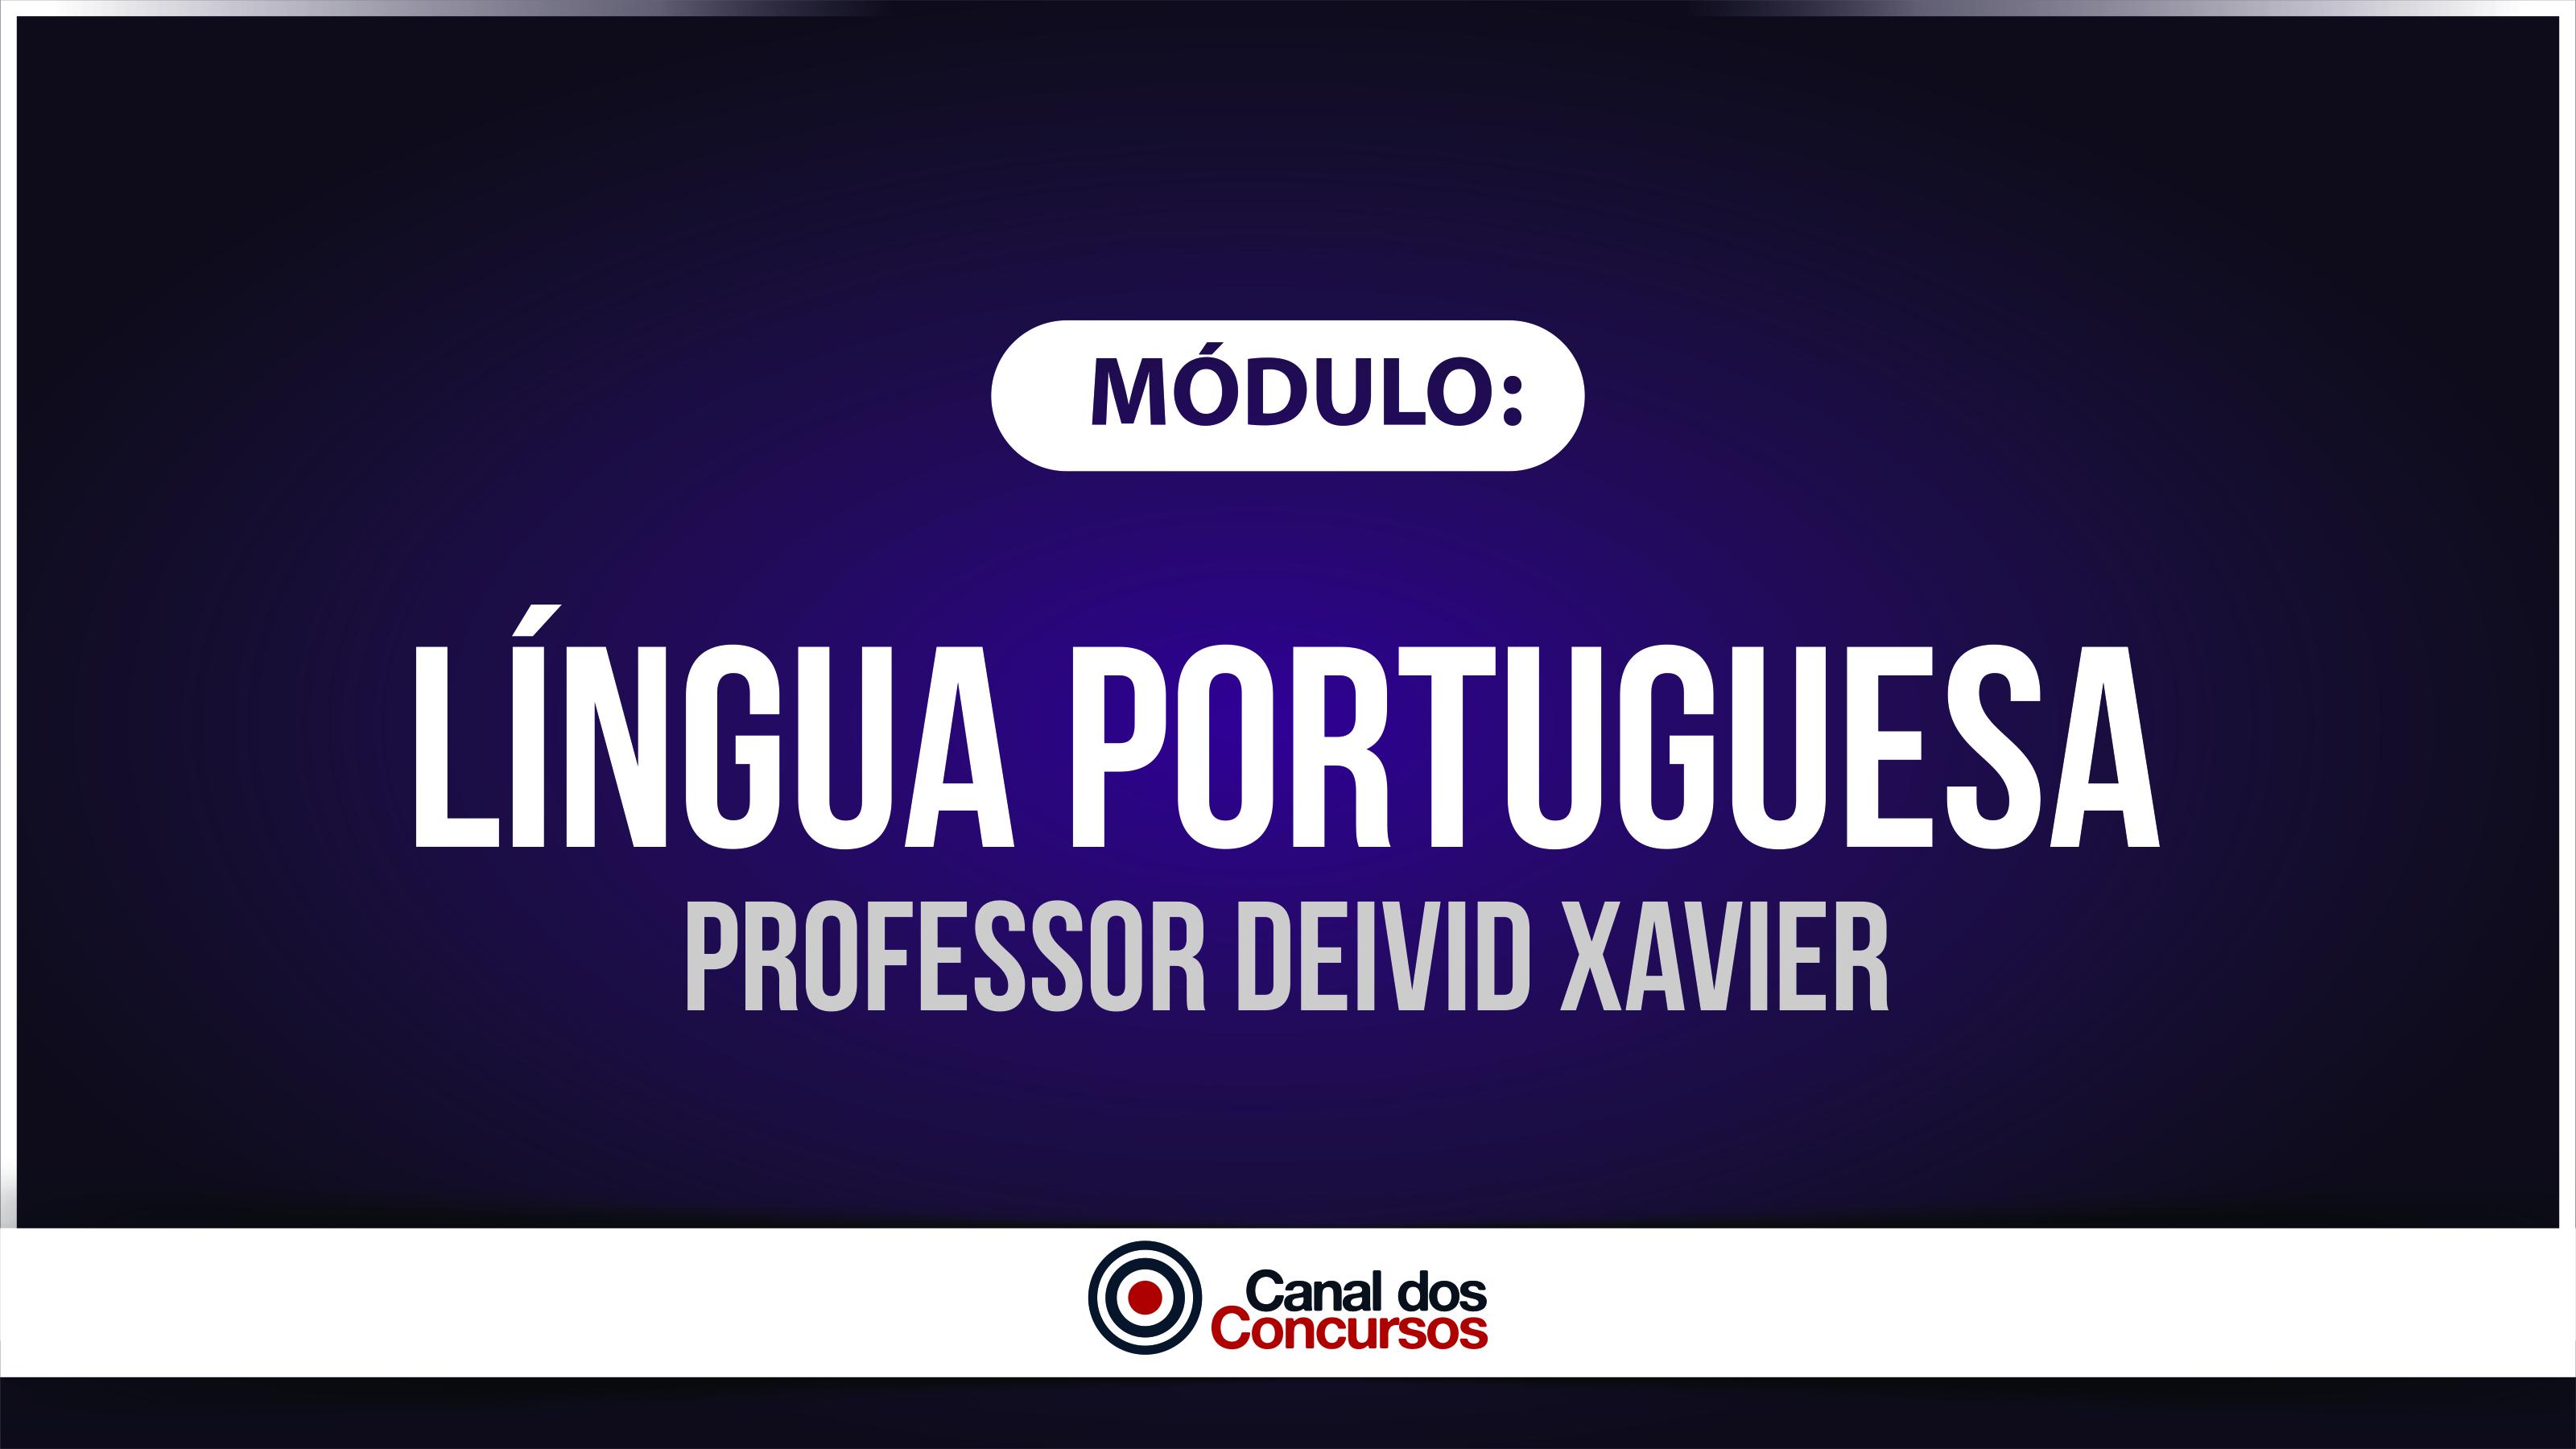 Professor deivid xavier